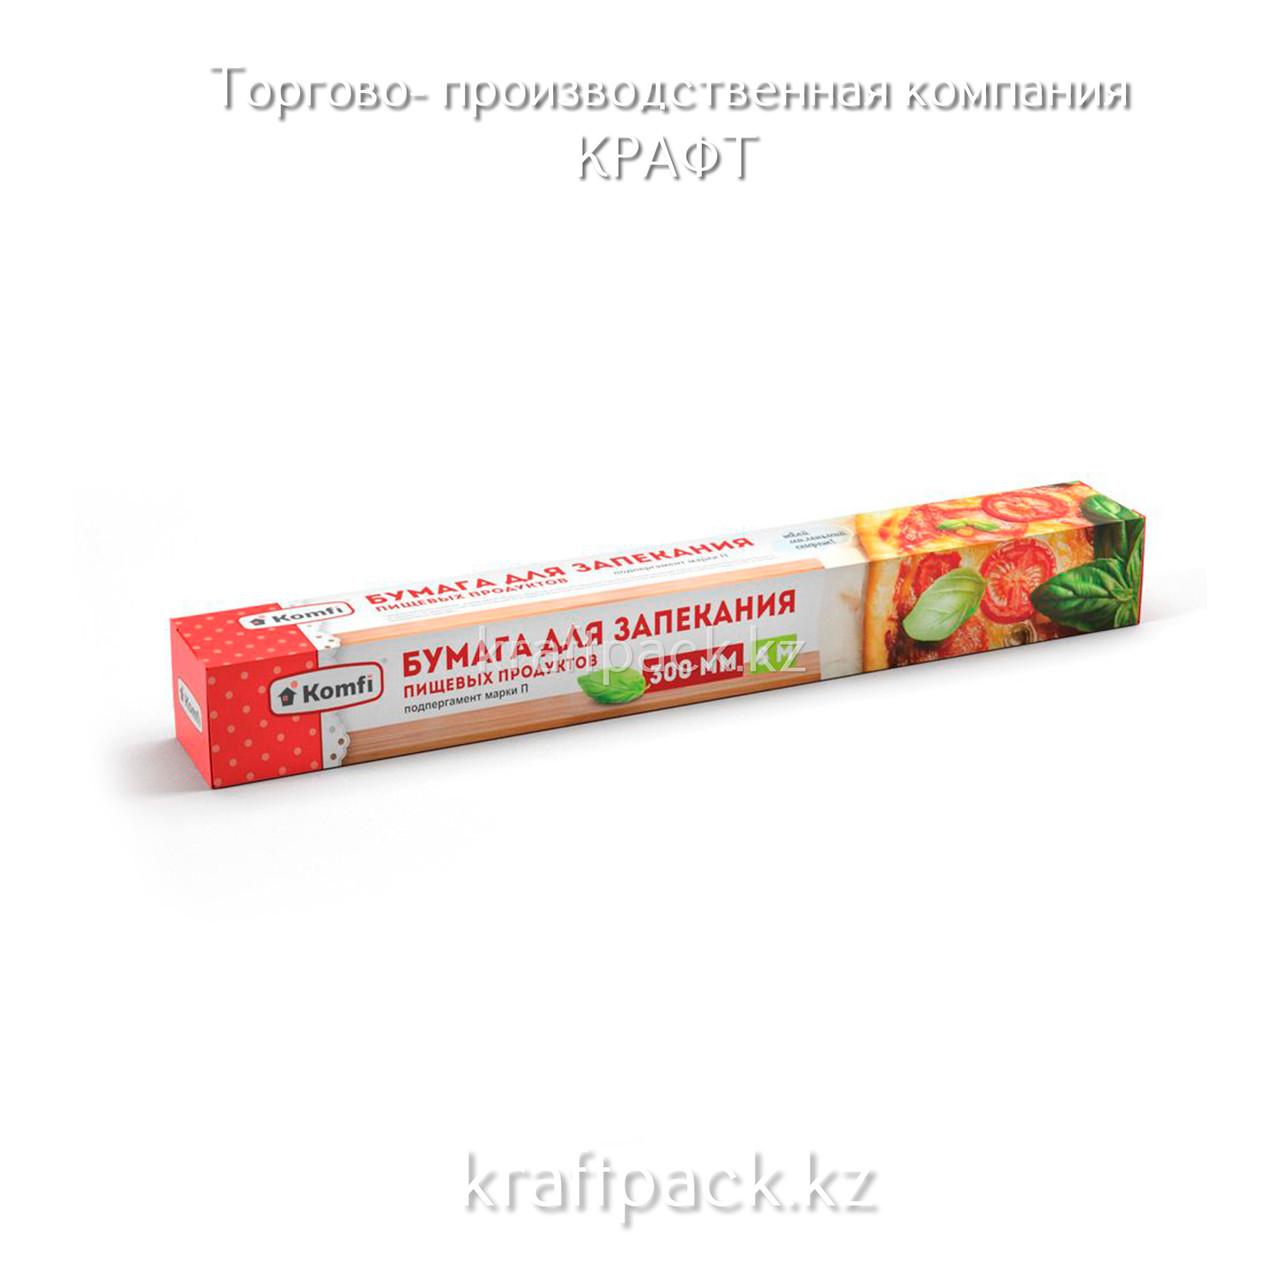 Бумага для выпекания 300ммх8м бурая в карт. коробке Komfi/50